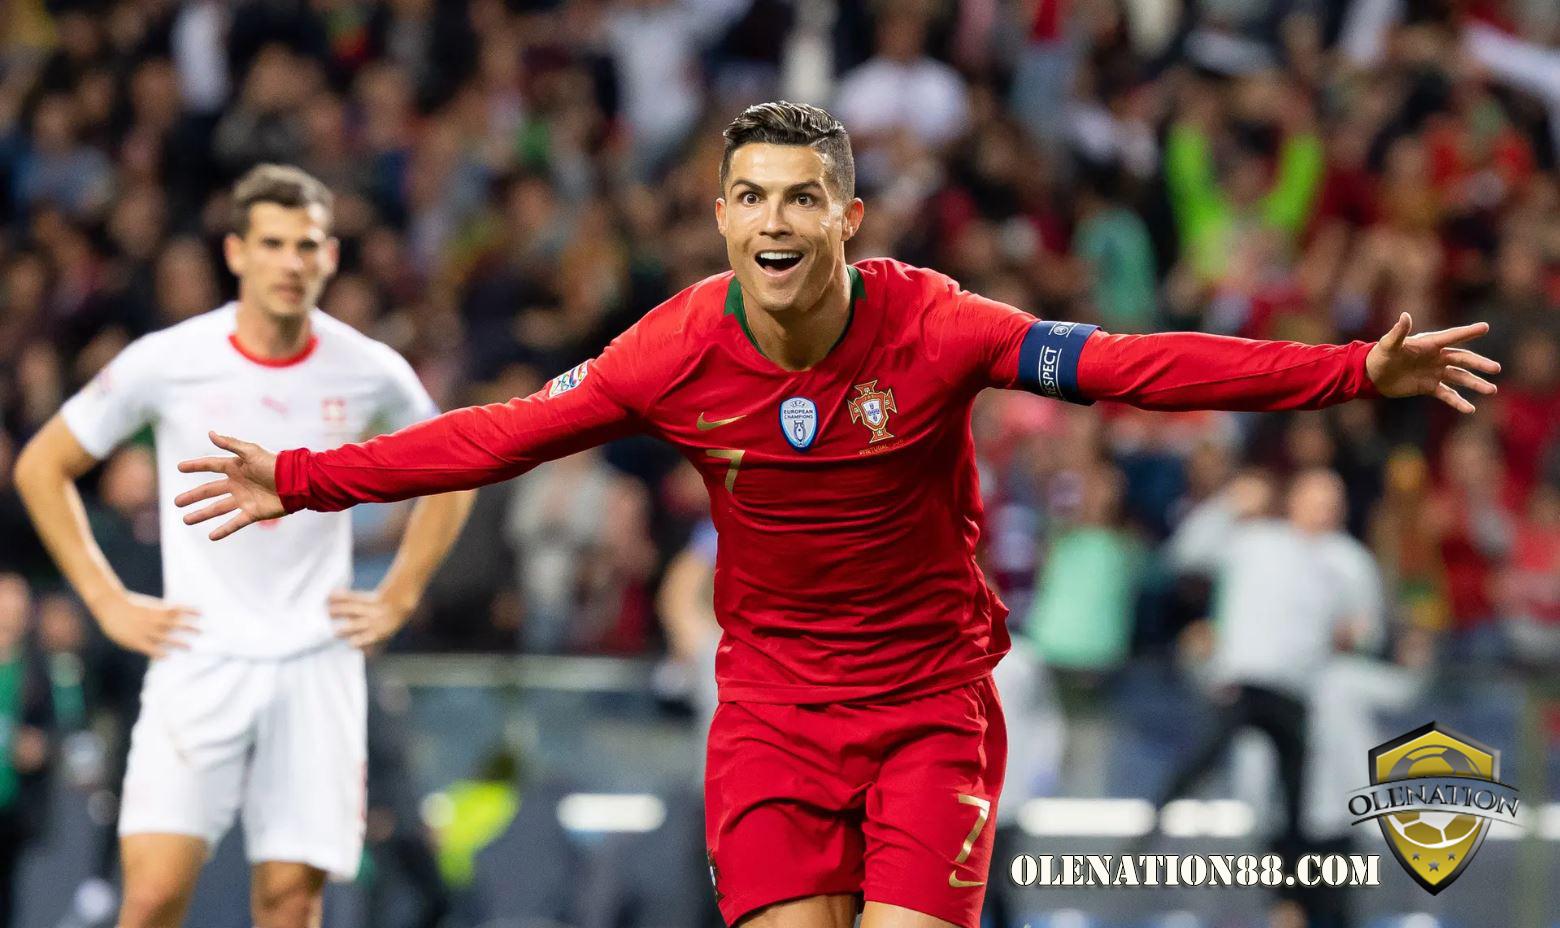 ronaldo-portugal - OlahragaPedia.com